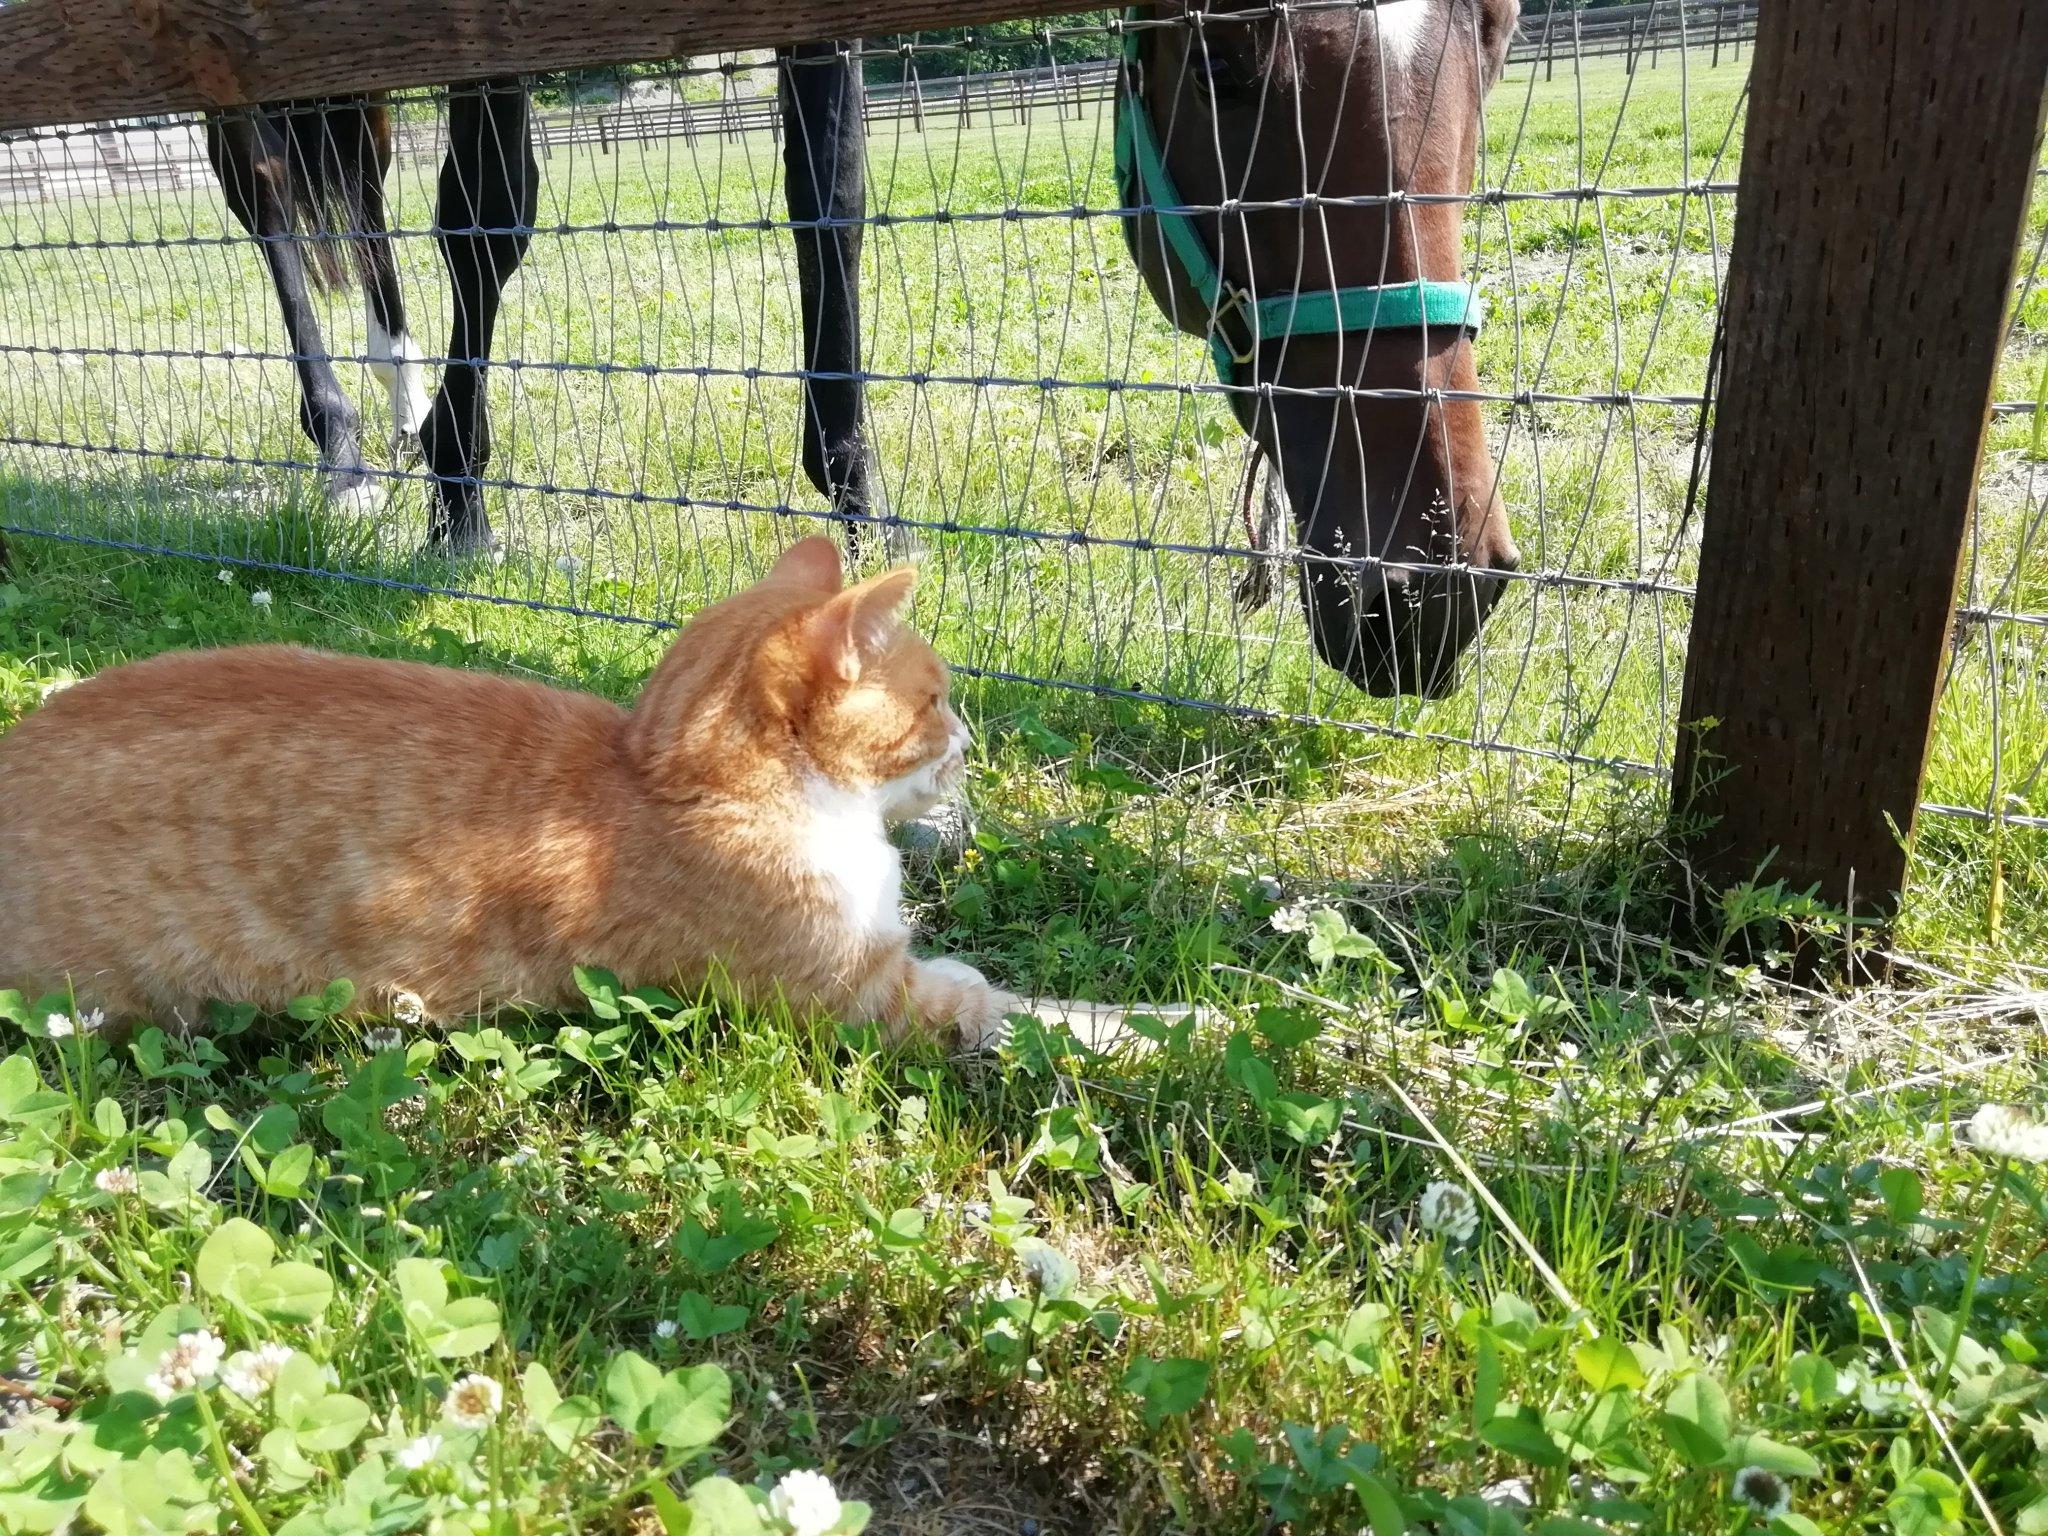 馬が合う猫〜第3回 馬の近くで活躍する猫たち〜